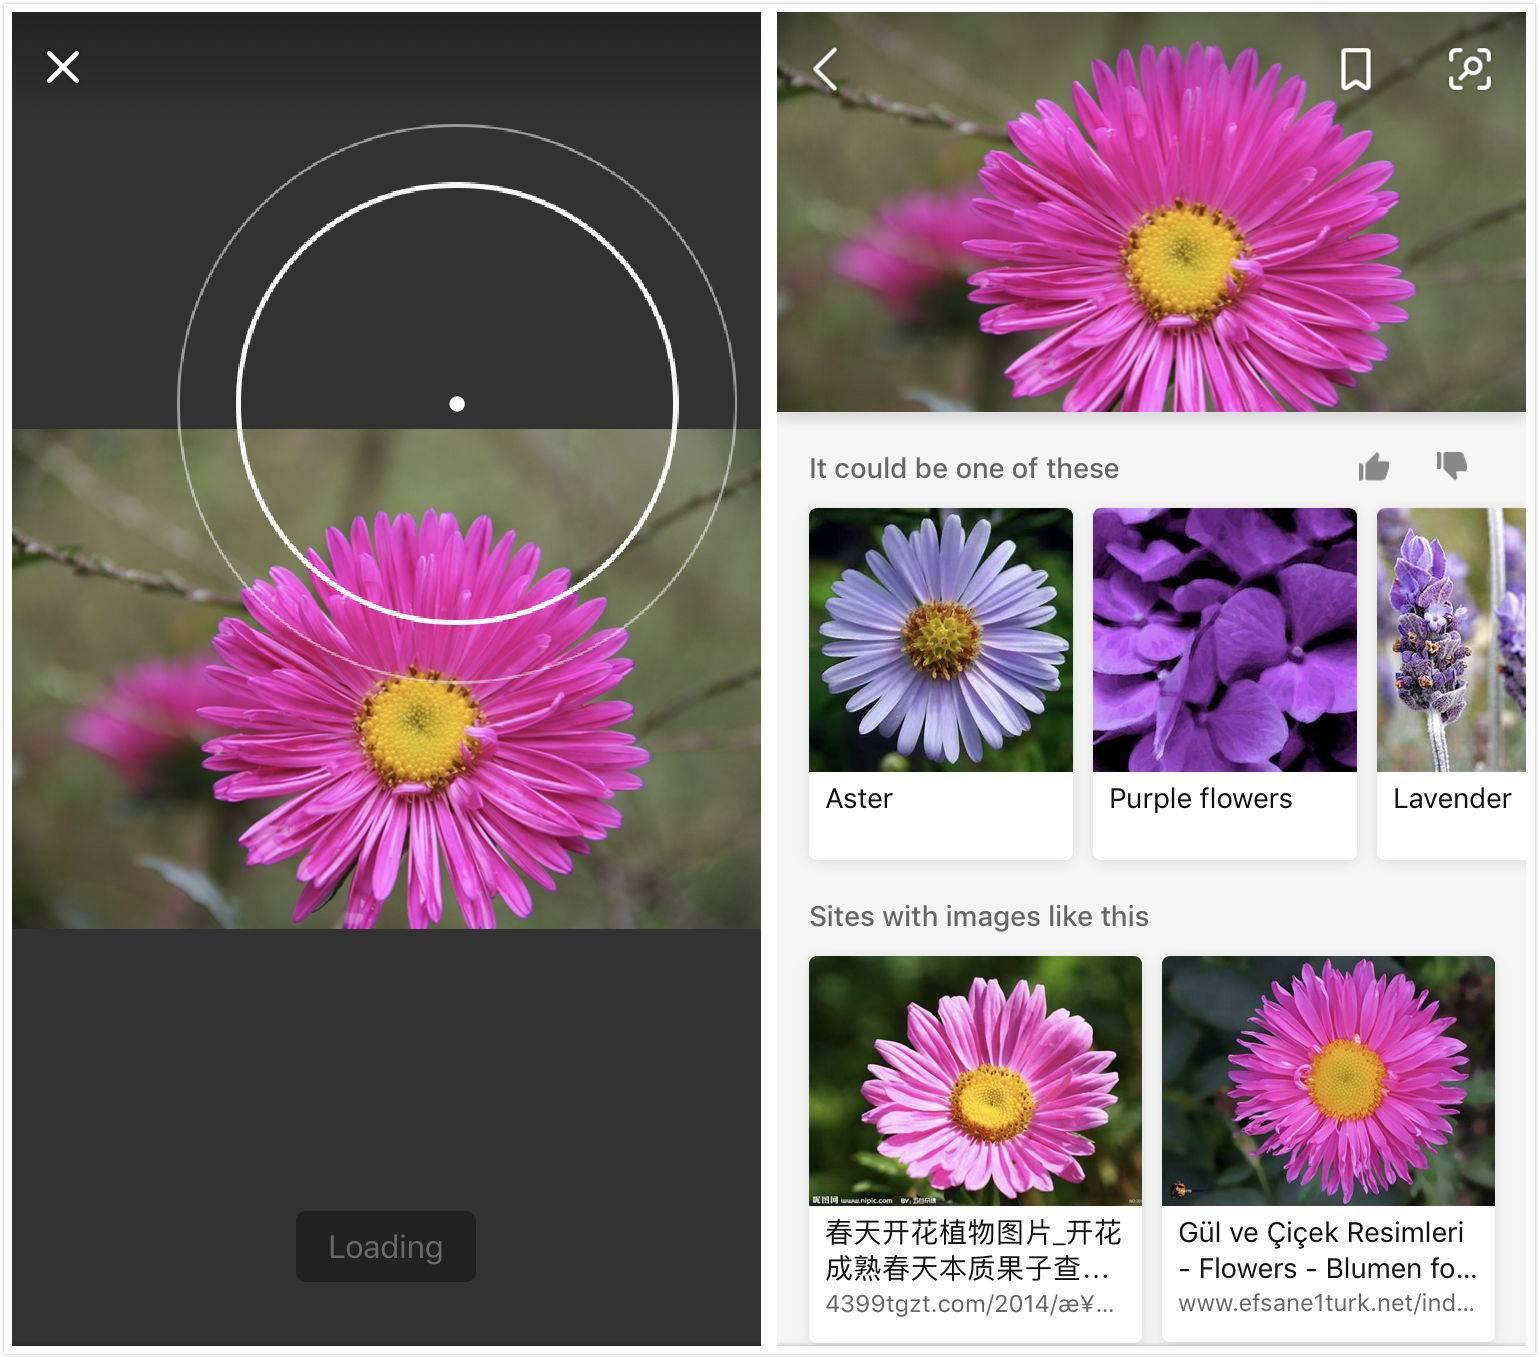 不用羡慕Google Lens,微软在Bing中也加入了AI视觉搜索的功能